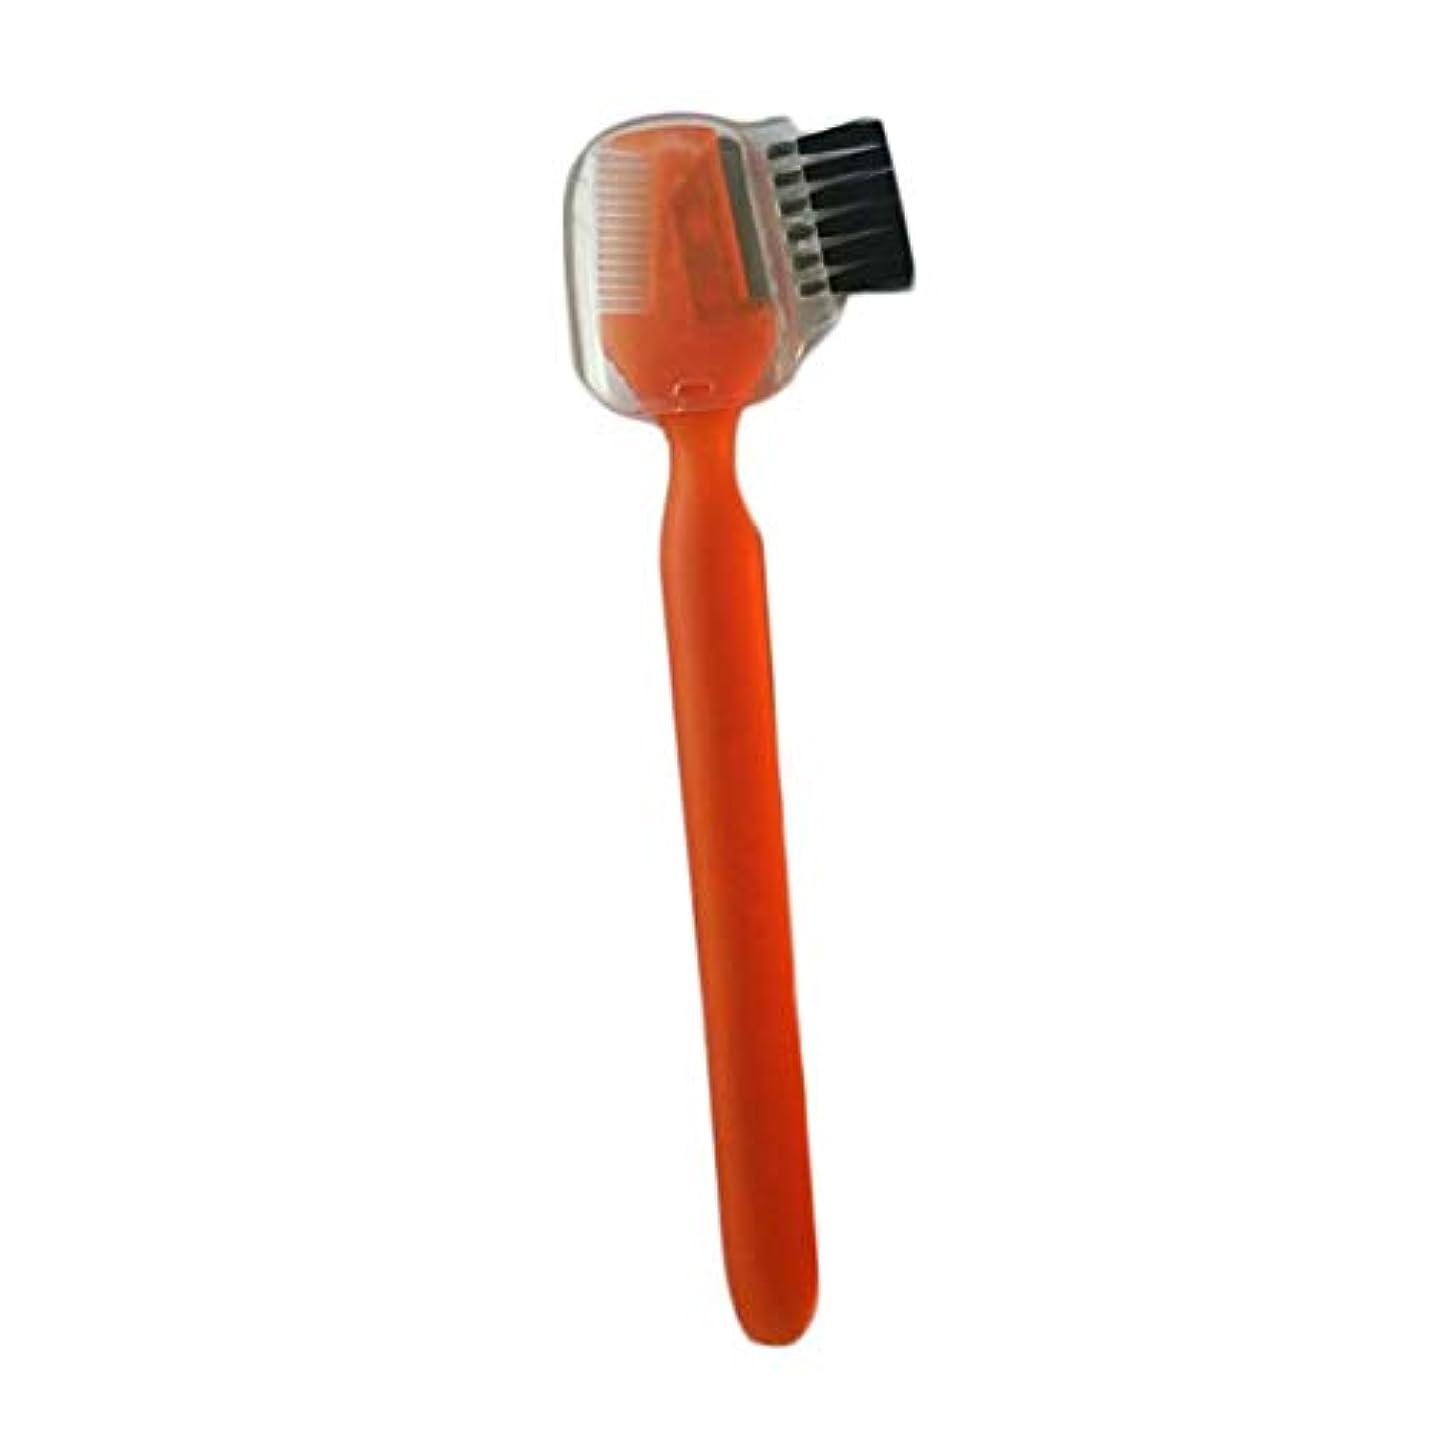 速いこねる取り戻すOU-Kunmlef 新しい流行の5つのPC女性は、眉毛櫛で眉毛剃刀トリマー形プロシェービングキットを噛みます(None orange)